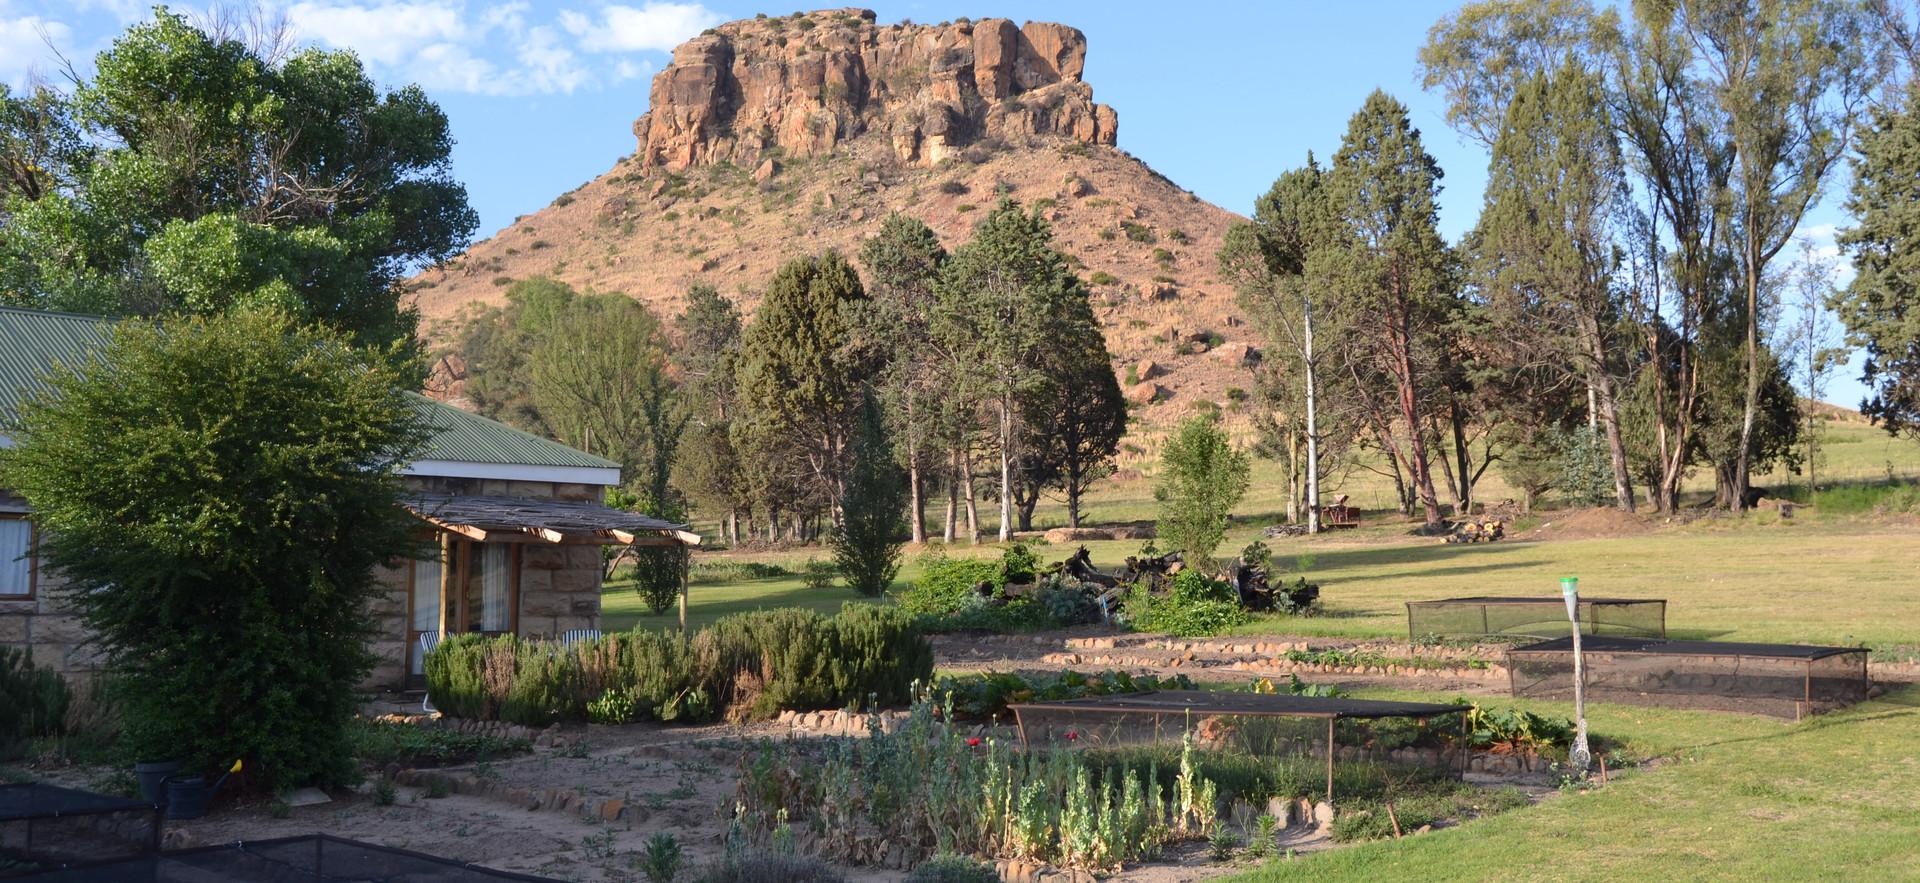 Vege Garden Cottage view